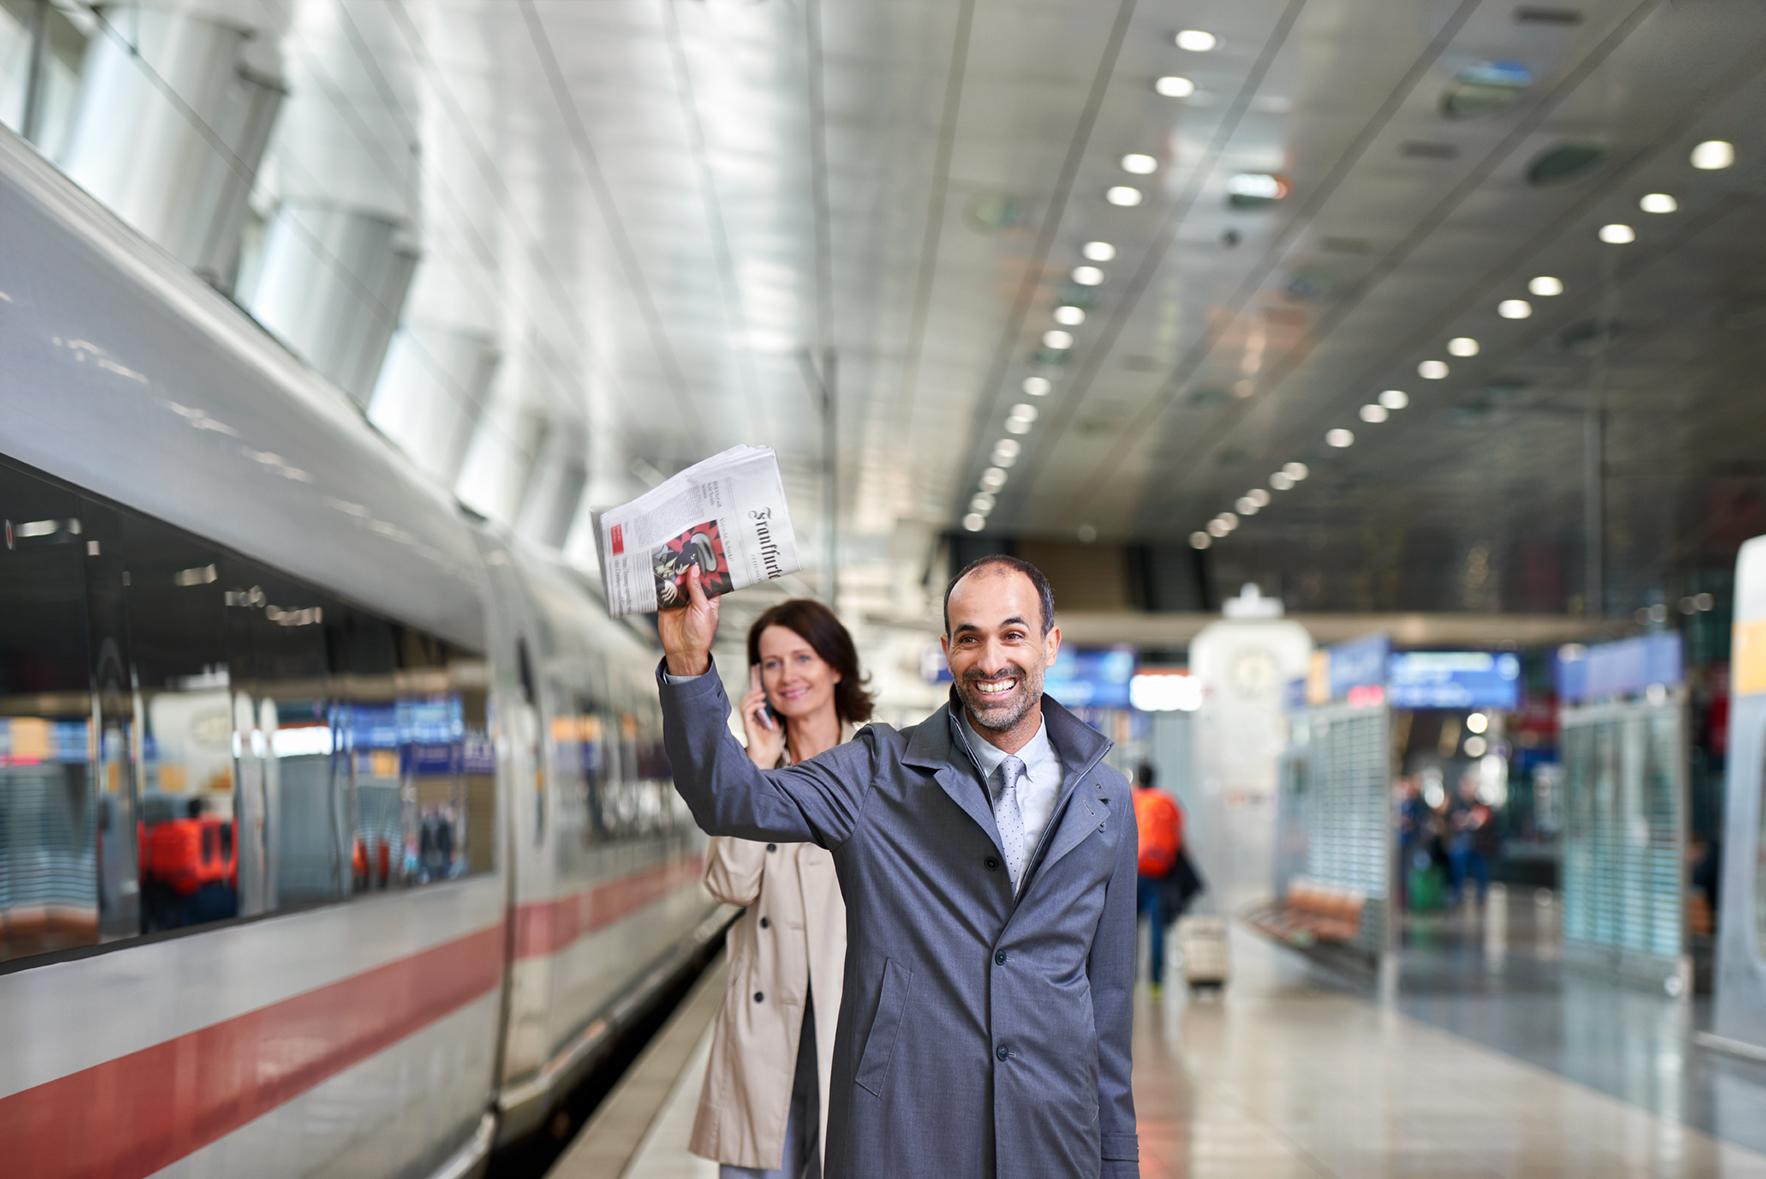 fra17-fernbahnhof-5107.jpg